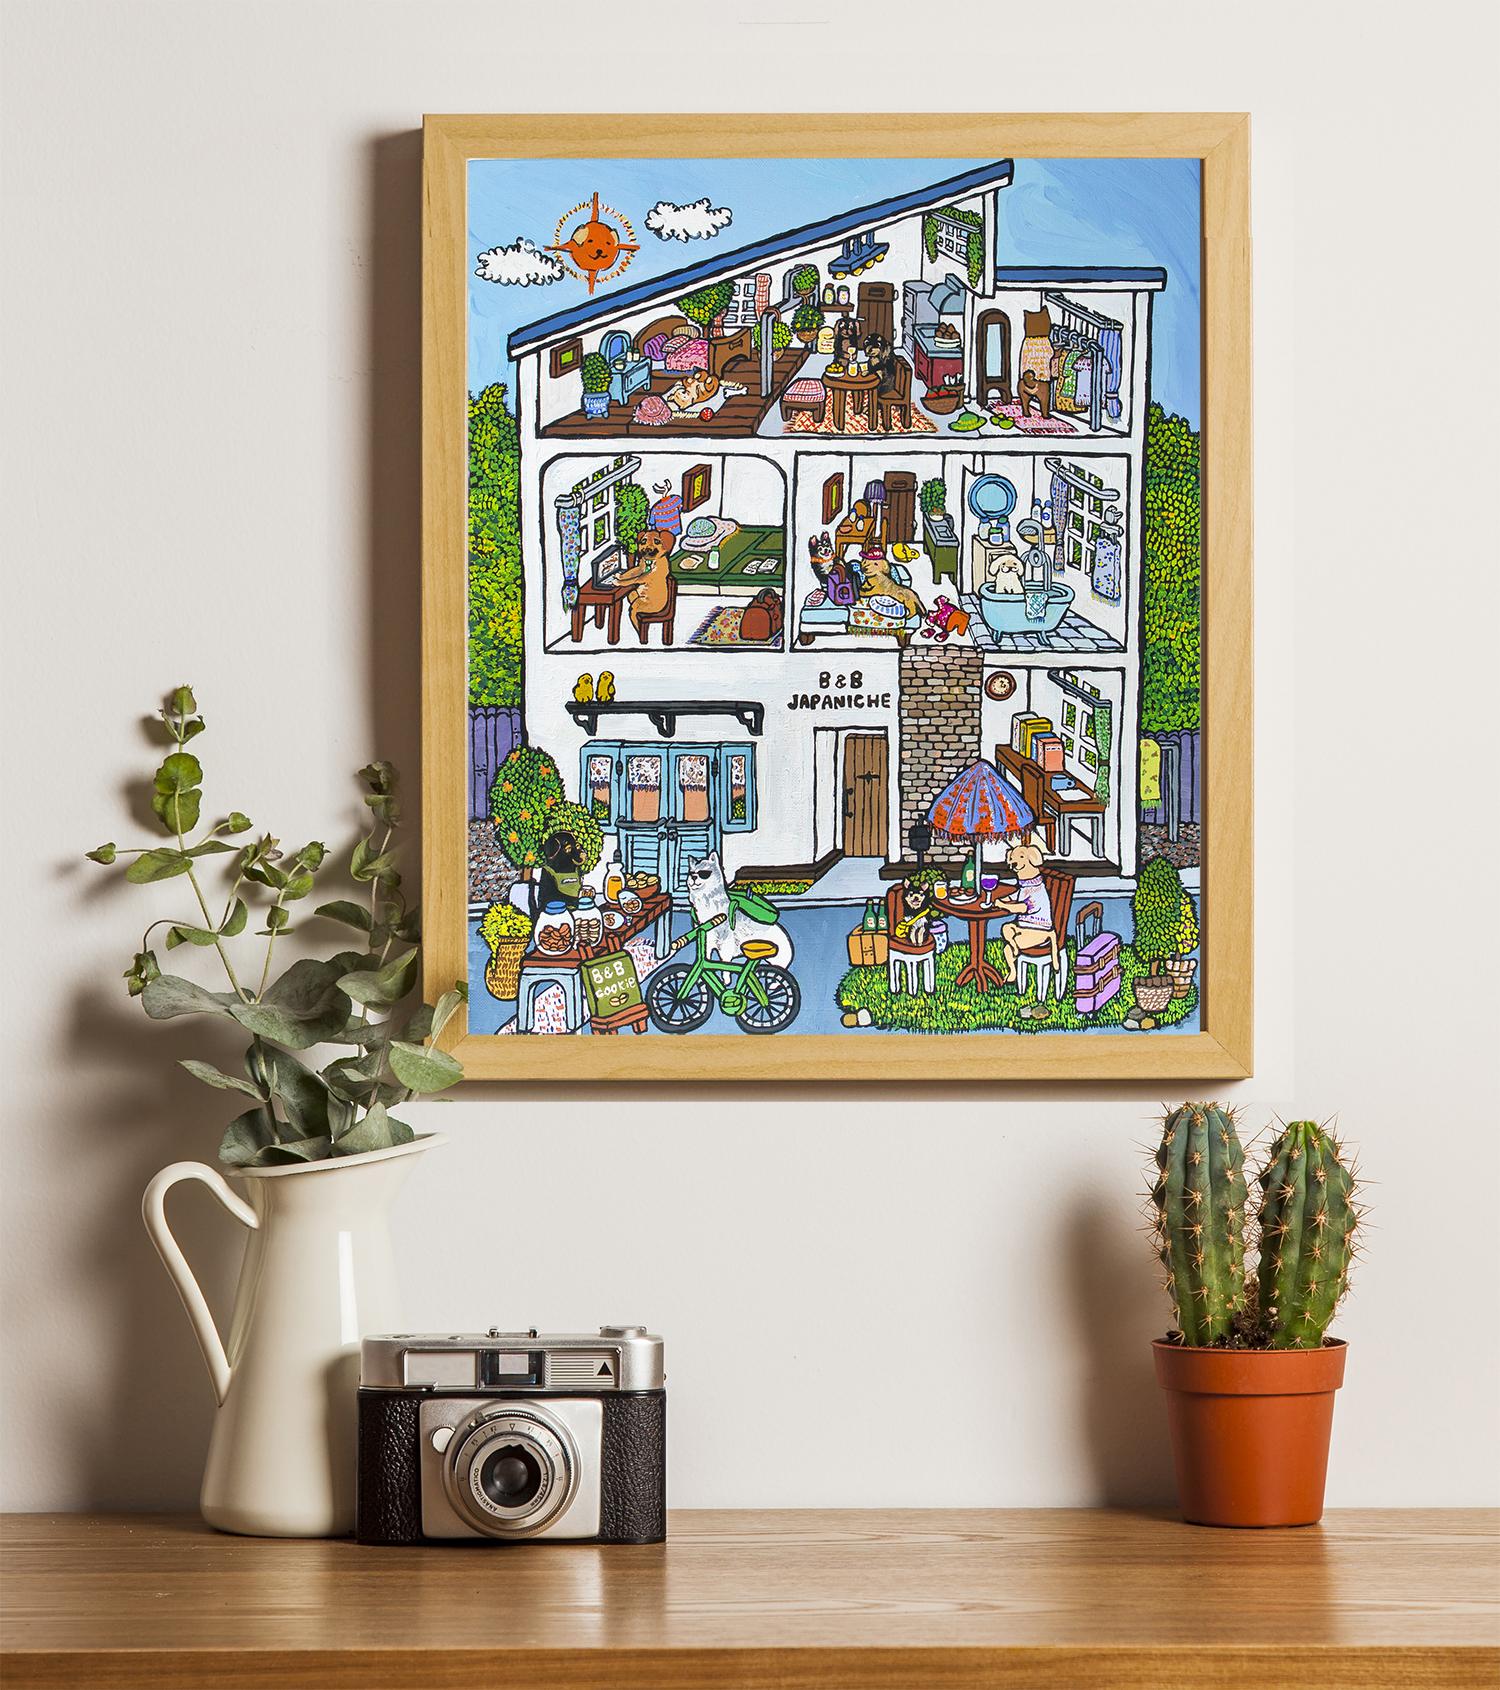 オーダー作品をご依頼をいただき、旅を愛する犬達が集まる素敵なゲストハウスを描きました。